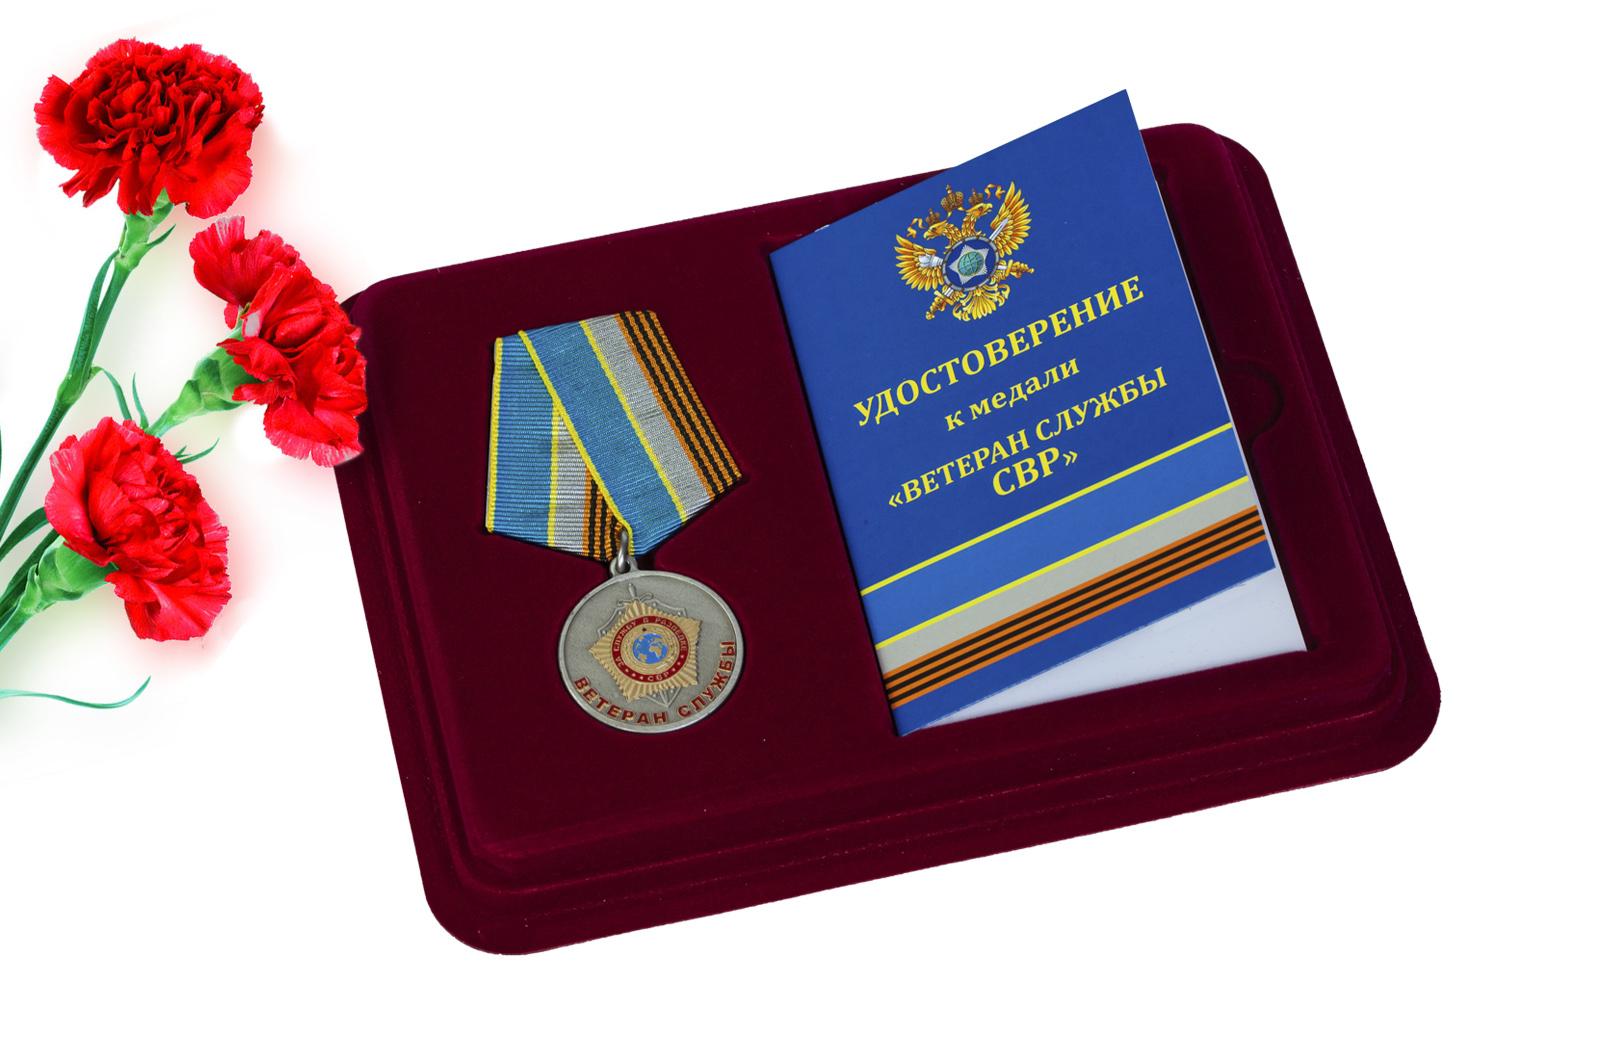 Медаль «Ветеран службы СВР РФ»